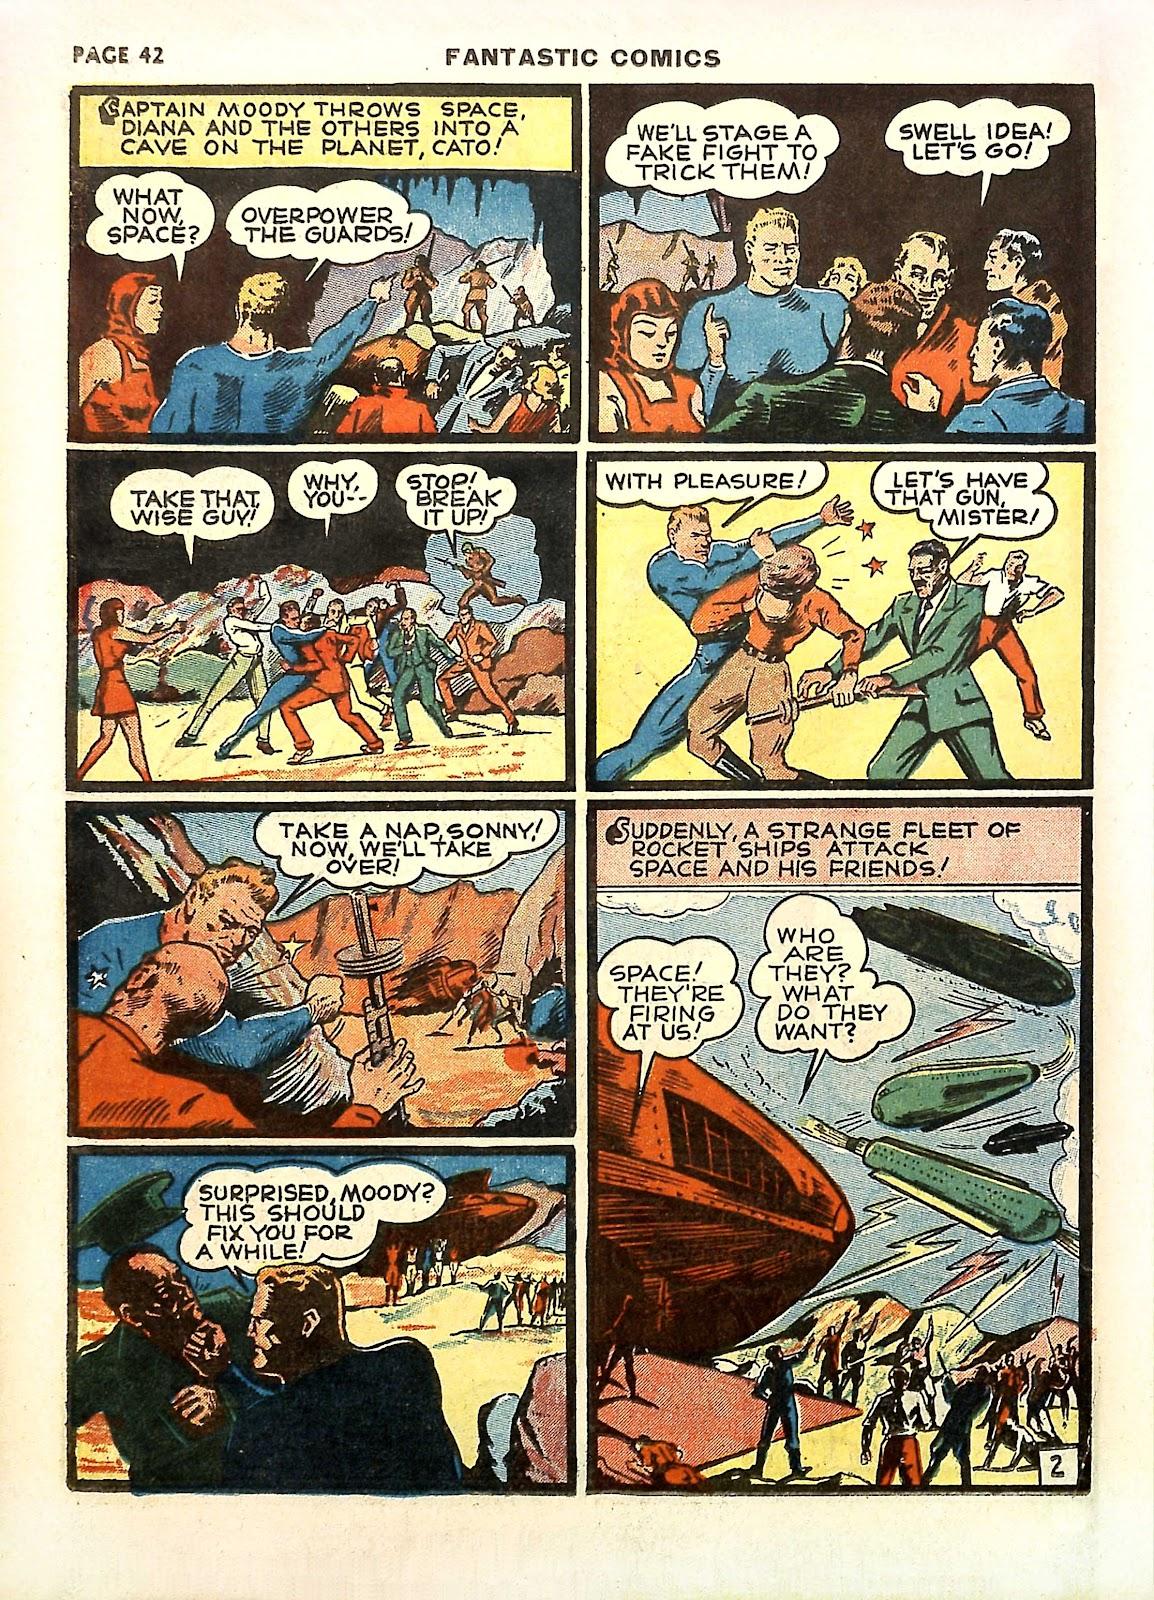 Read online Fantastic Comics comic -  Issue #11 - 45